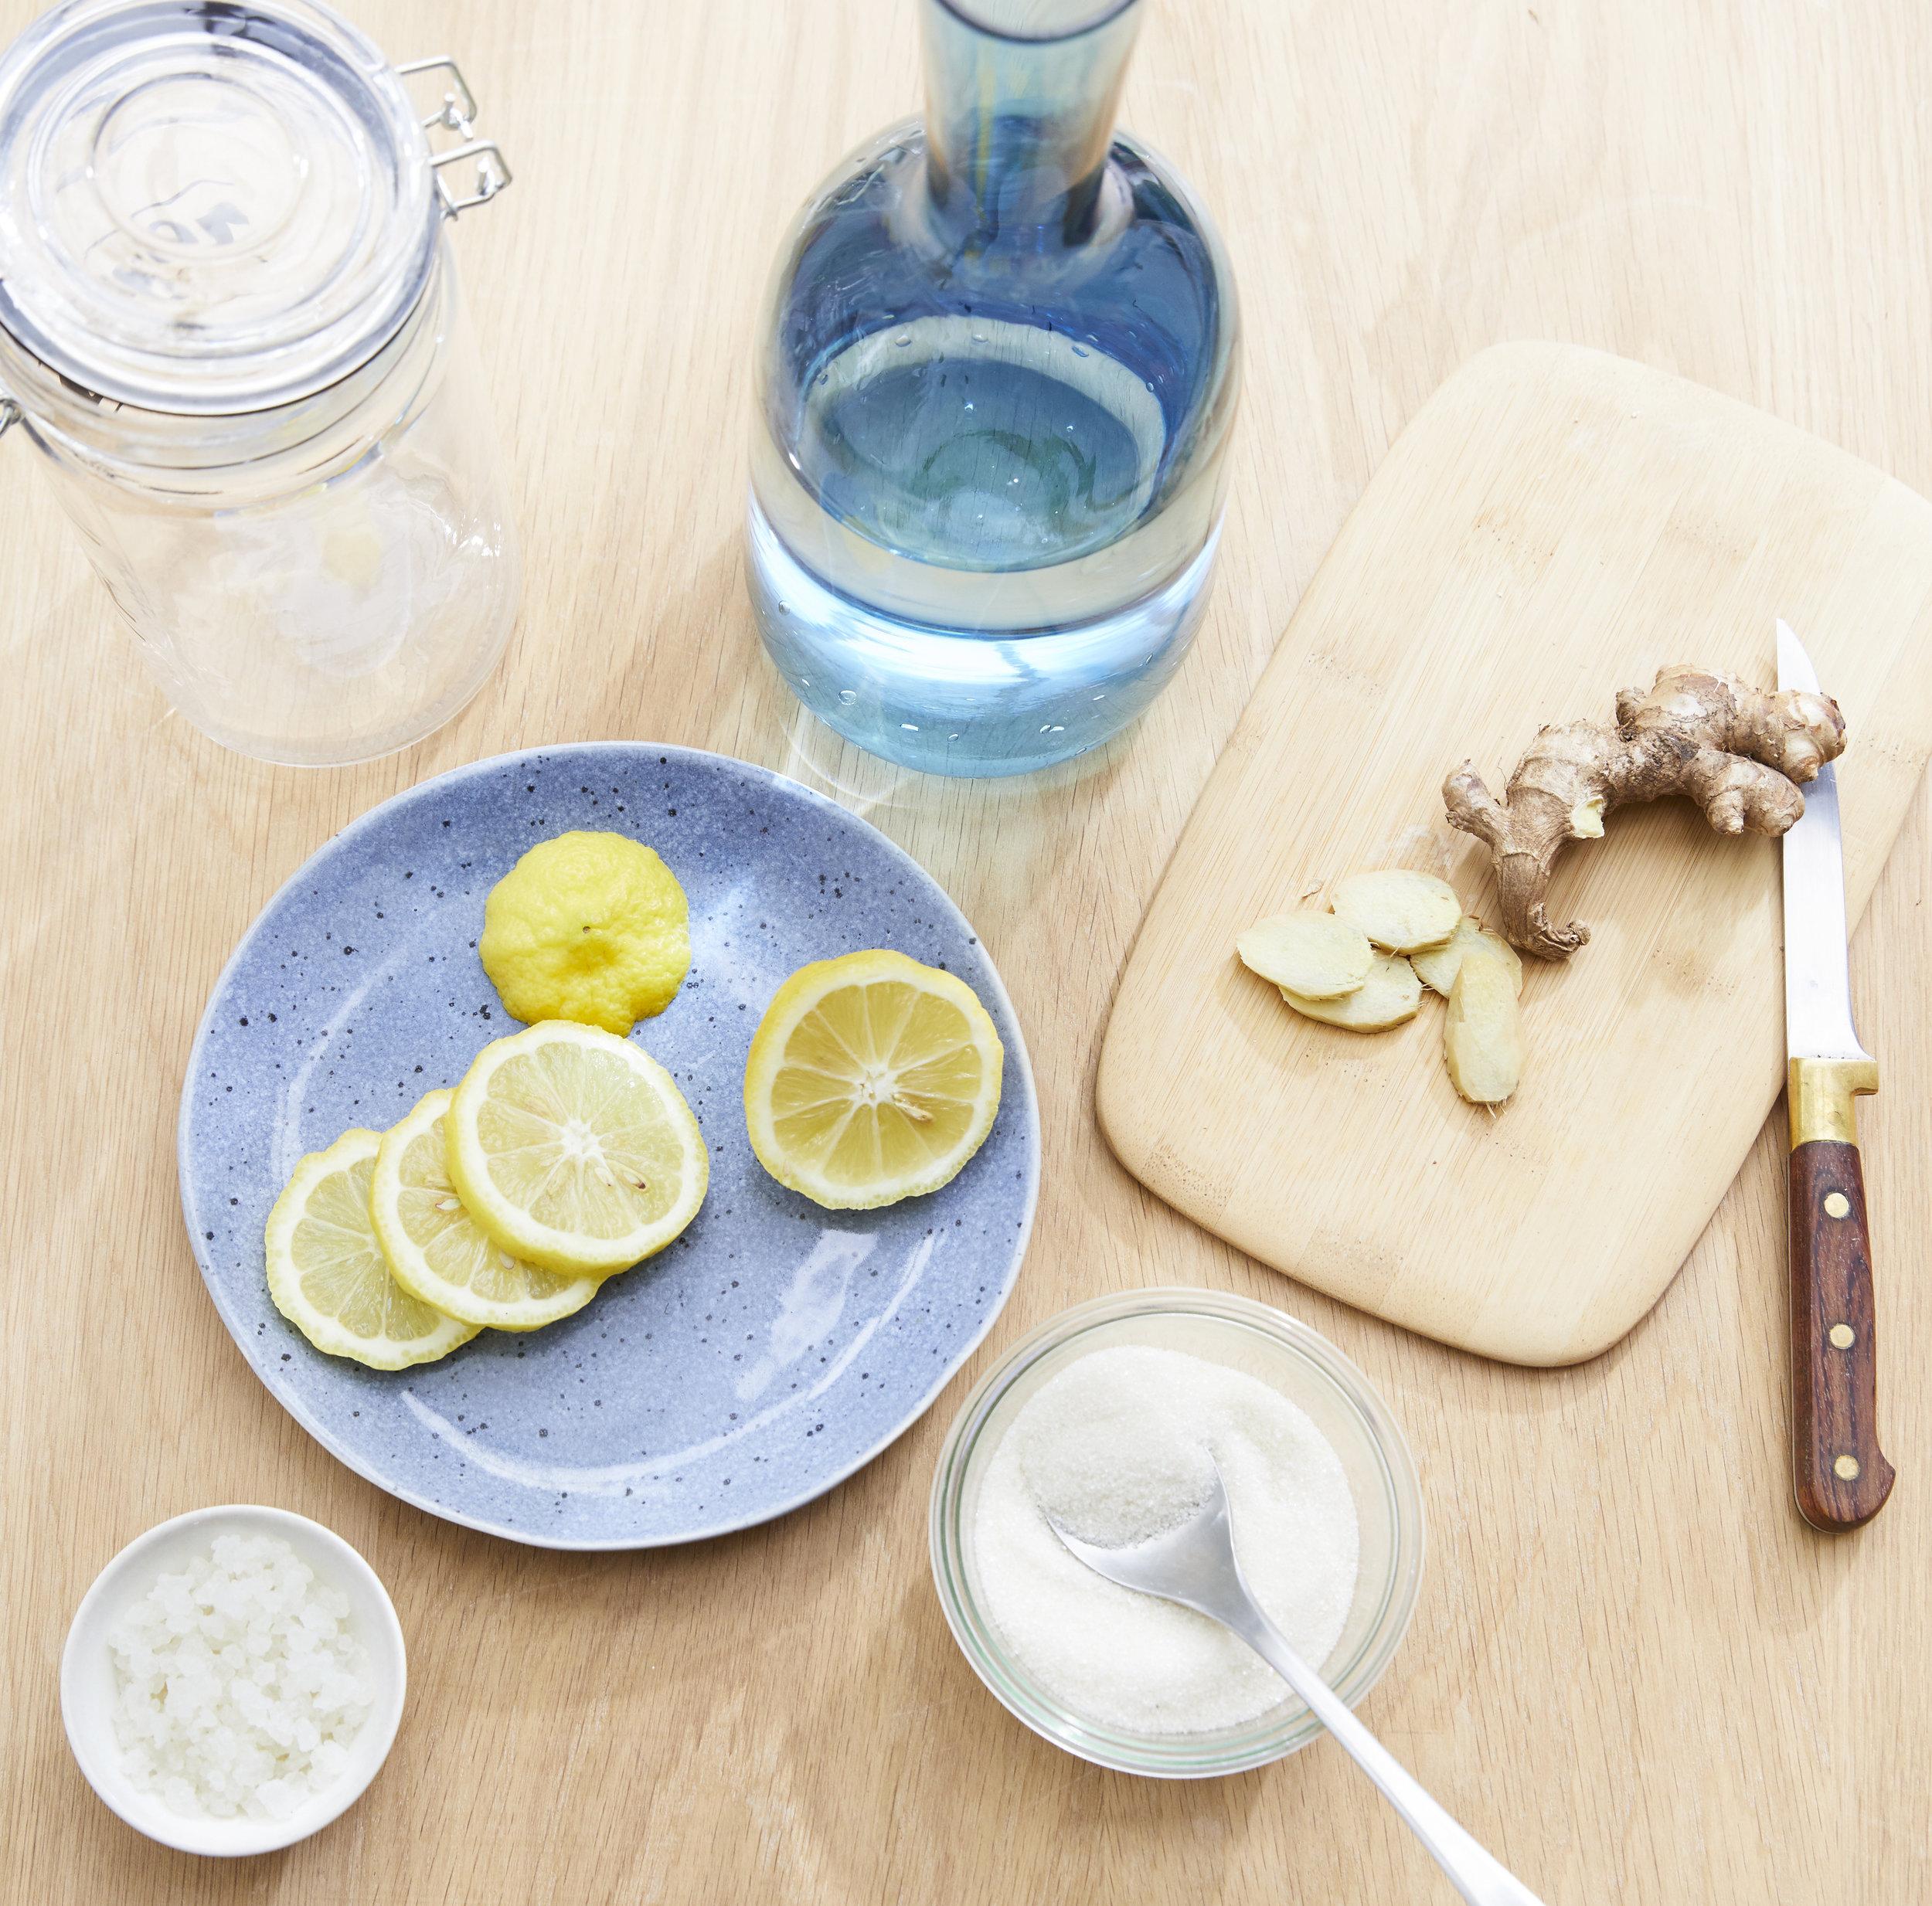 Ingrédients + accessoires : - - 1 litre d'eau minérale2 cuillères de grains de kéfir3 cuillères de sucre (50g)3 rondelles de citron bio5 tranches de gingembre1 pichet 1L1 bouteille hermétique1 passoire fine